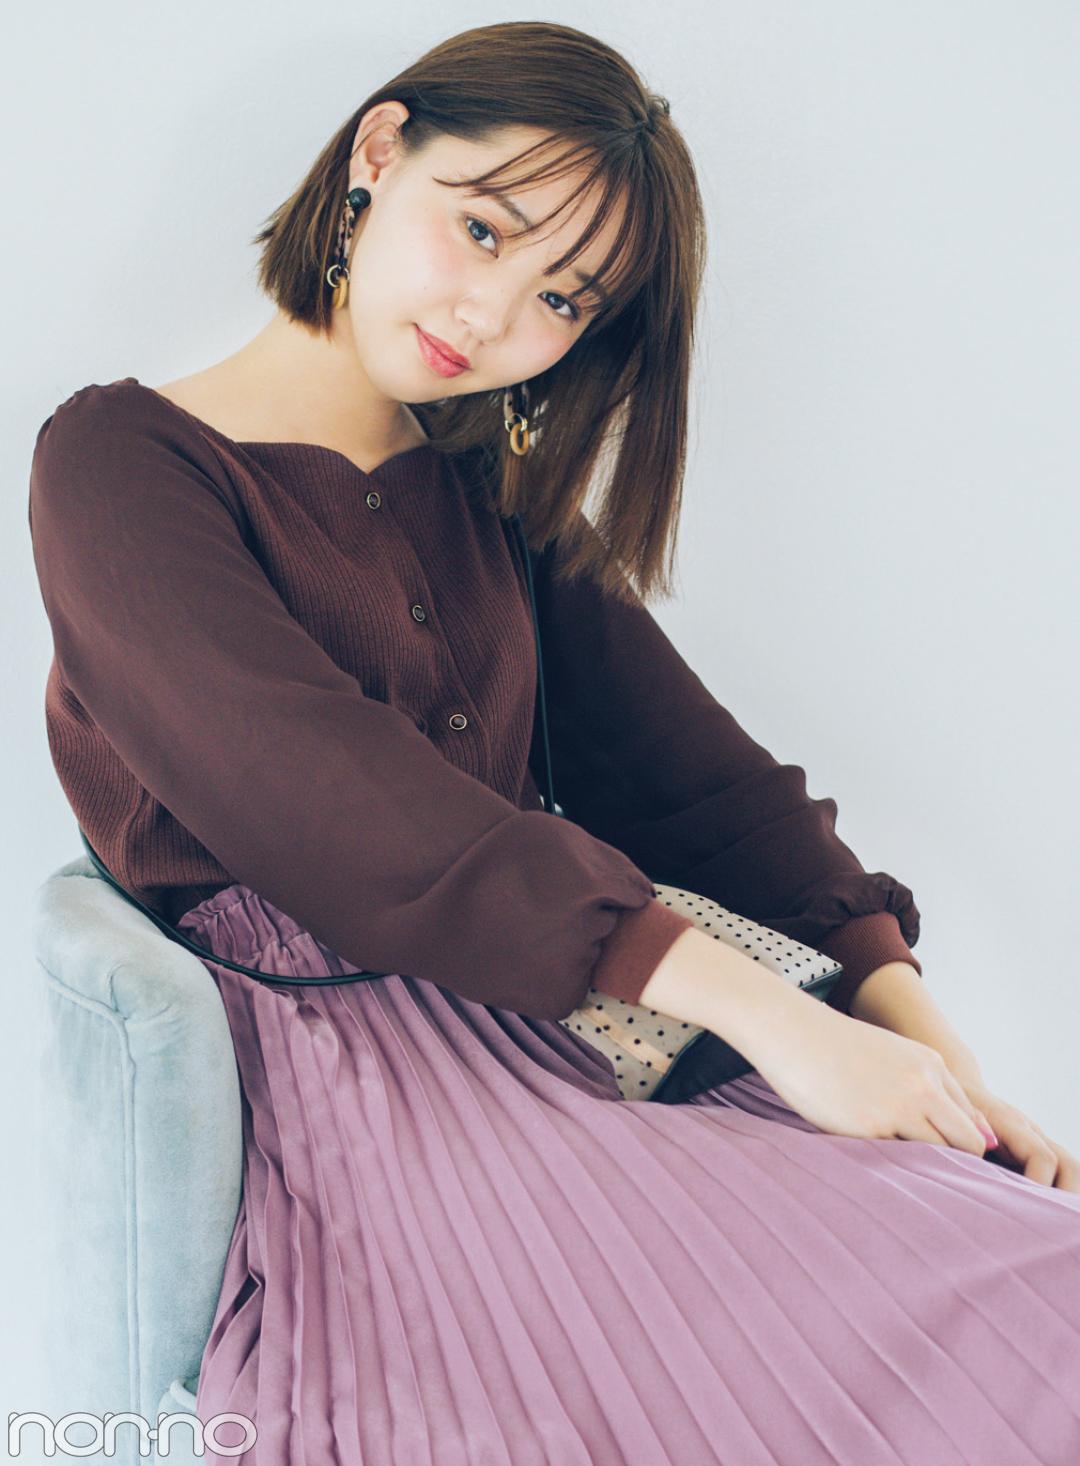 モテるトレンド服2018秋♡ 色で選ぶならこの2色!_1_4-3